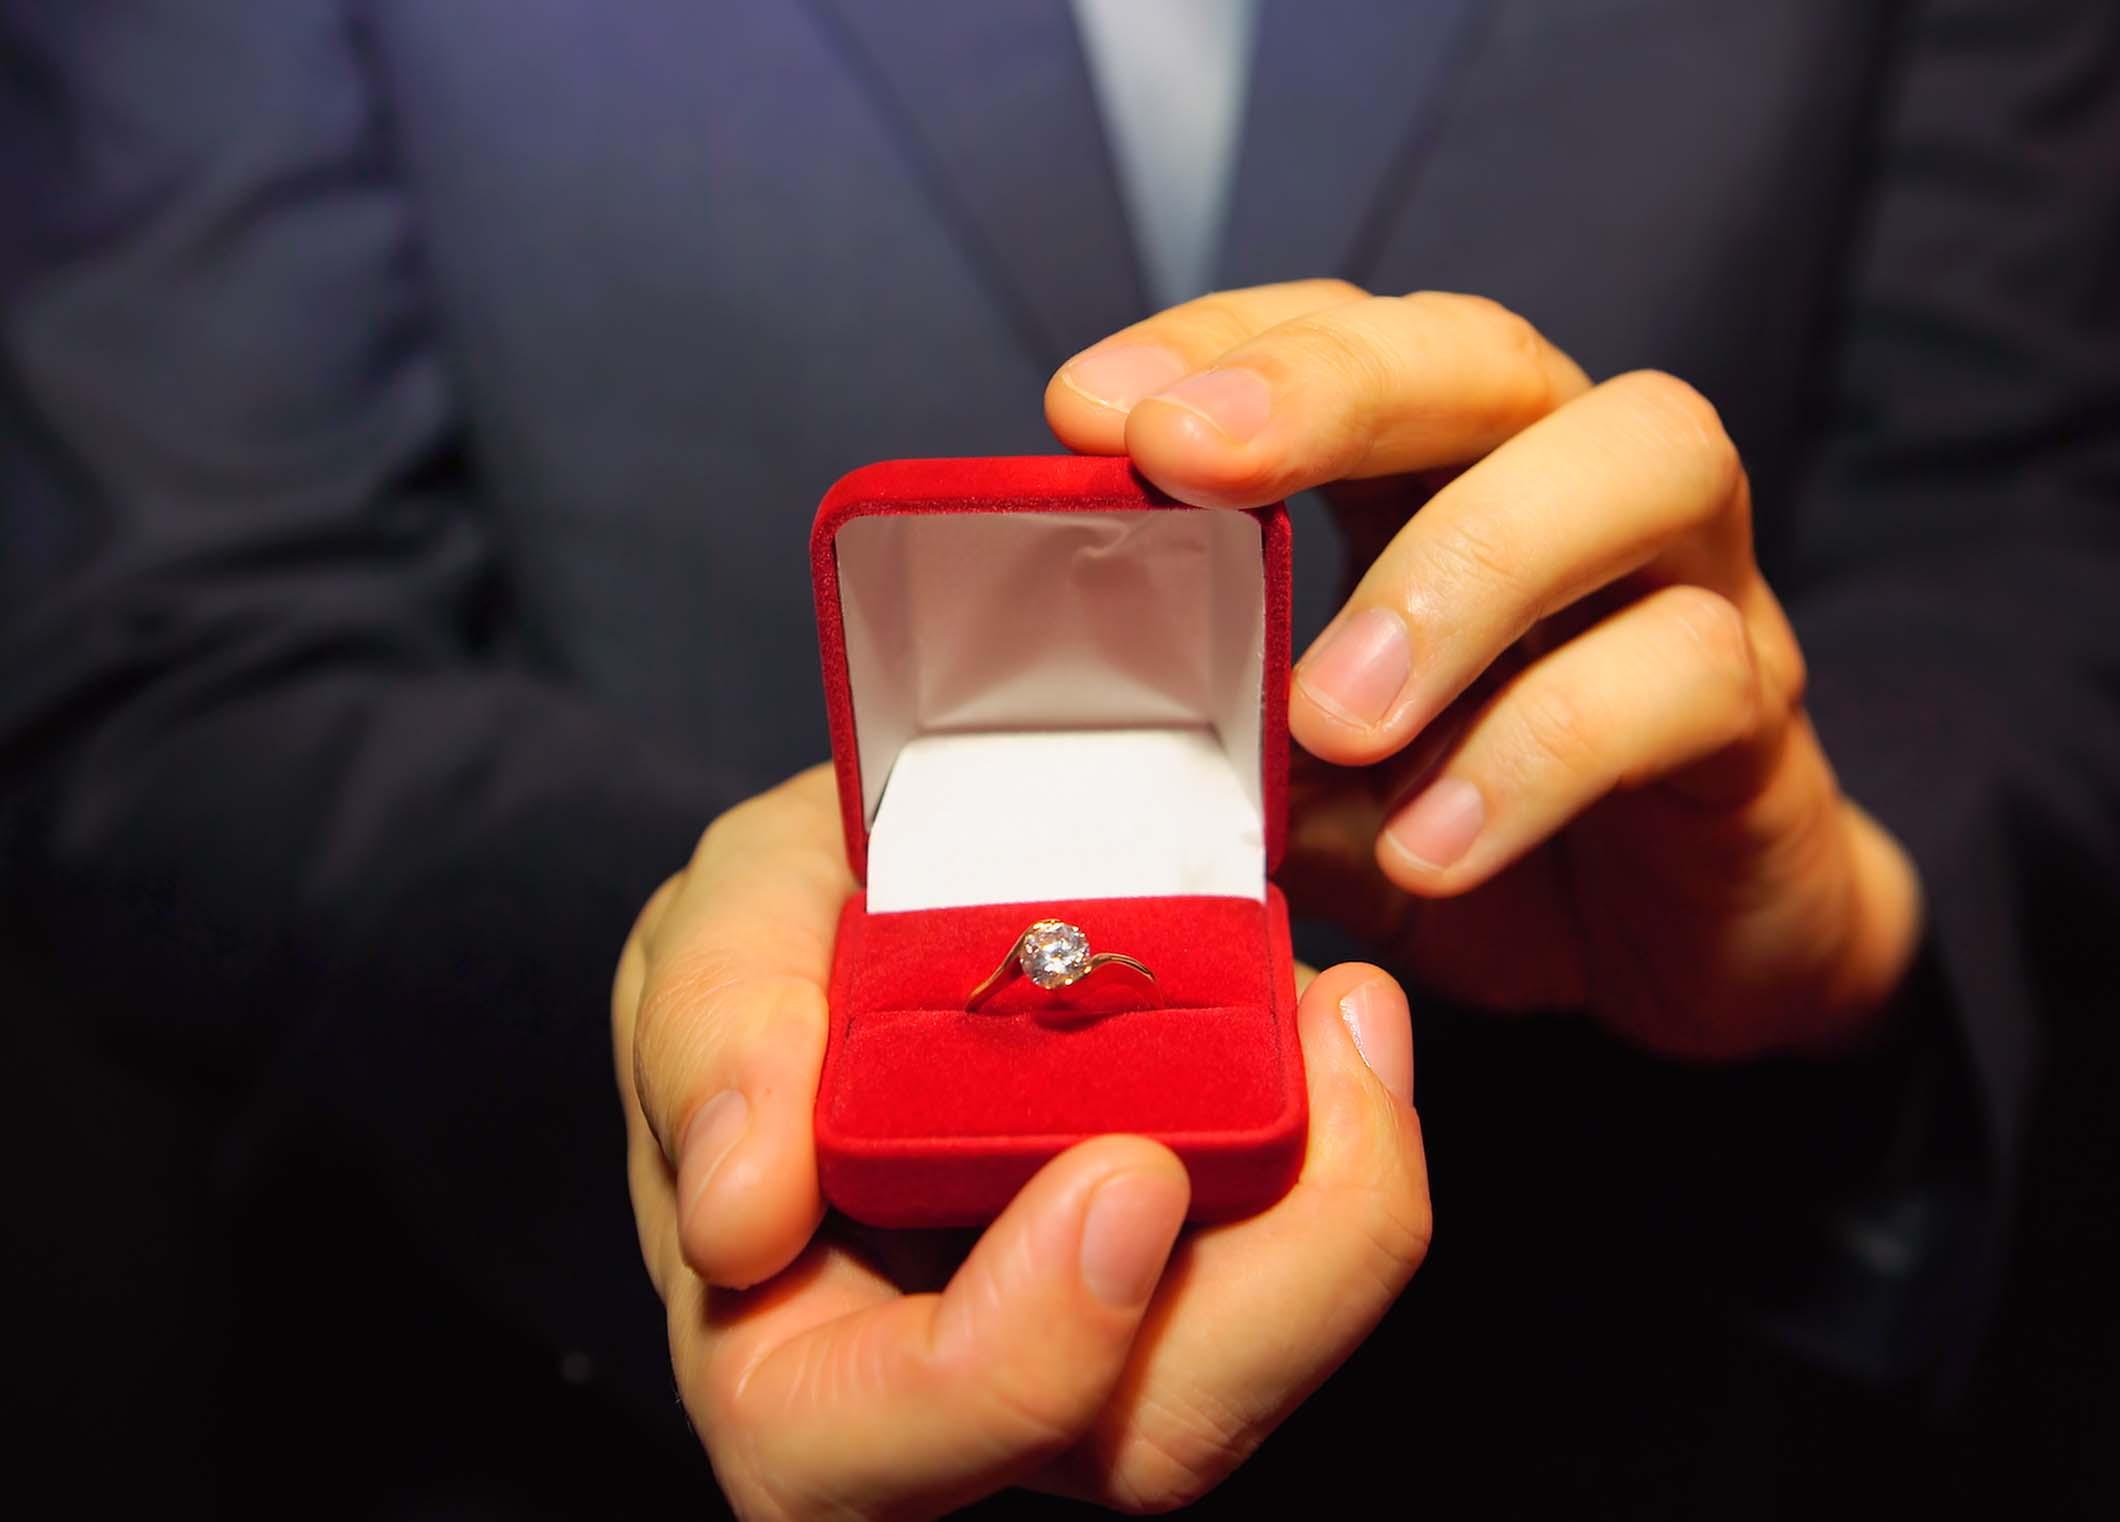 静岡市でプロポーズをするクリスマス♡どこで愛を叫ぶ?プロポーズ成功の秘訣は場所にあった!